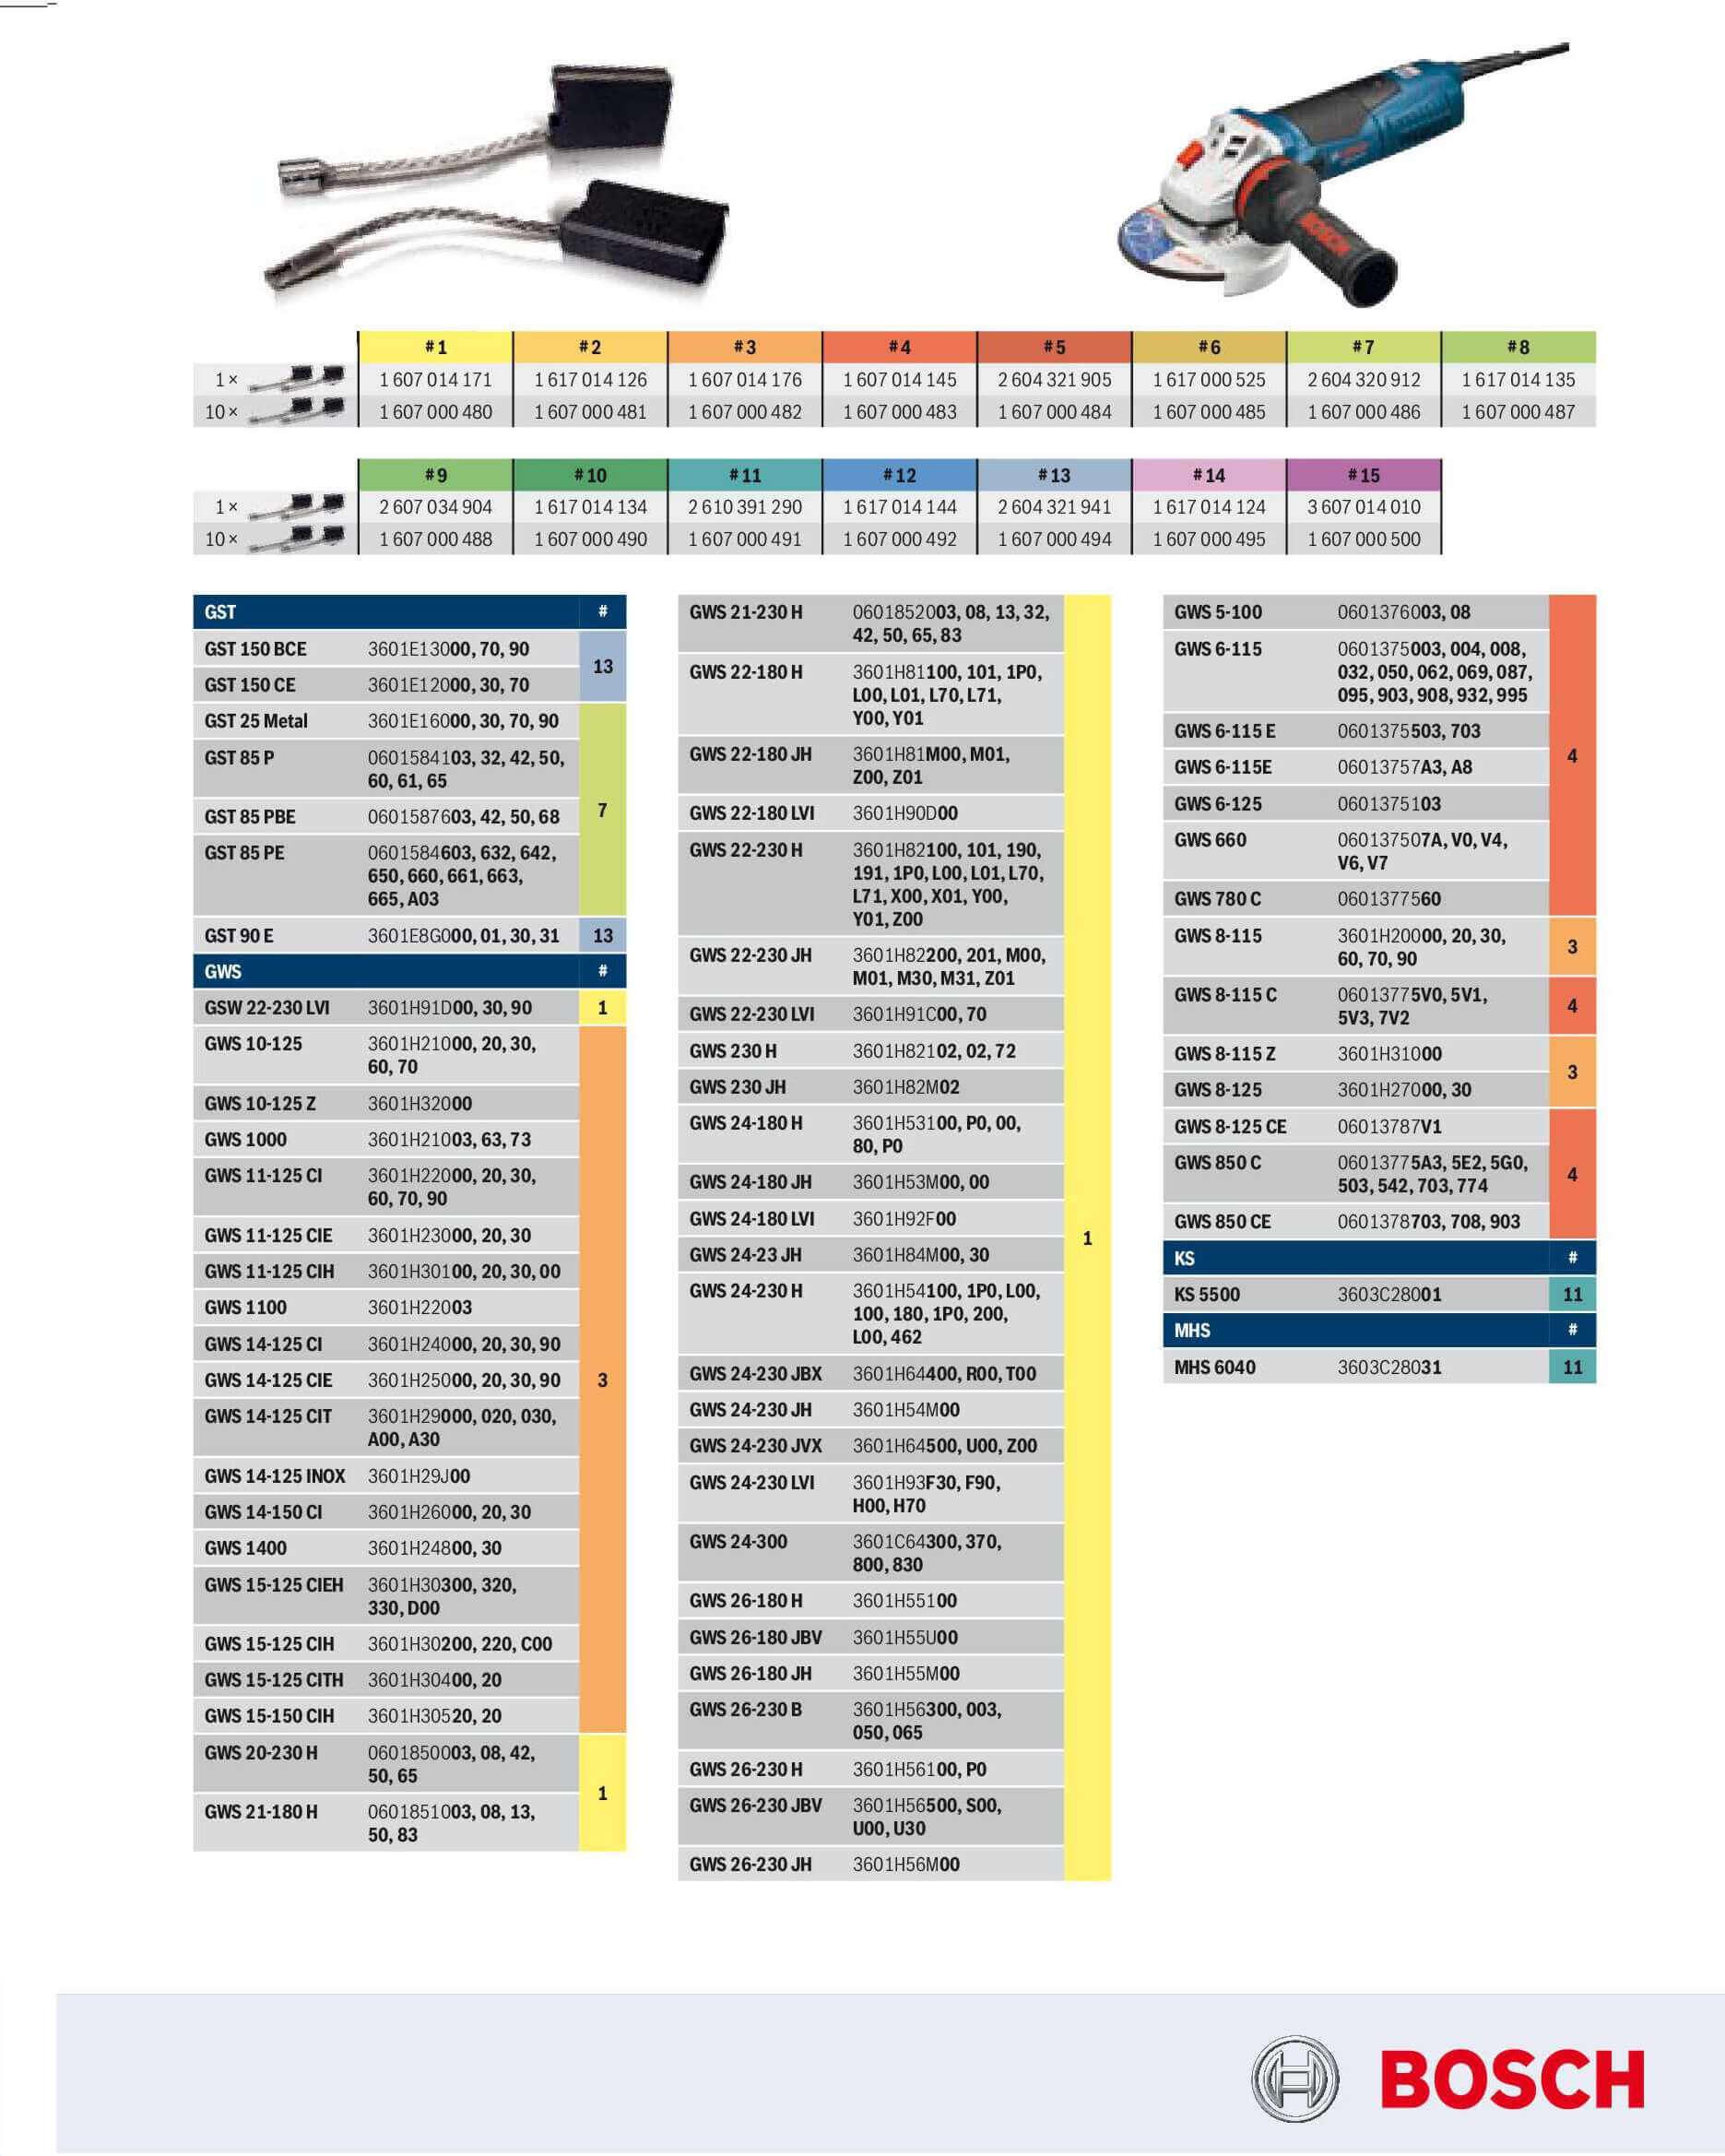 Таблица Bosch часть 1, виды электрических двигателей